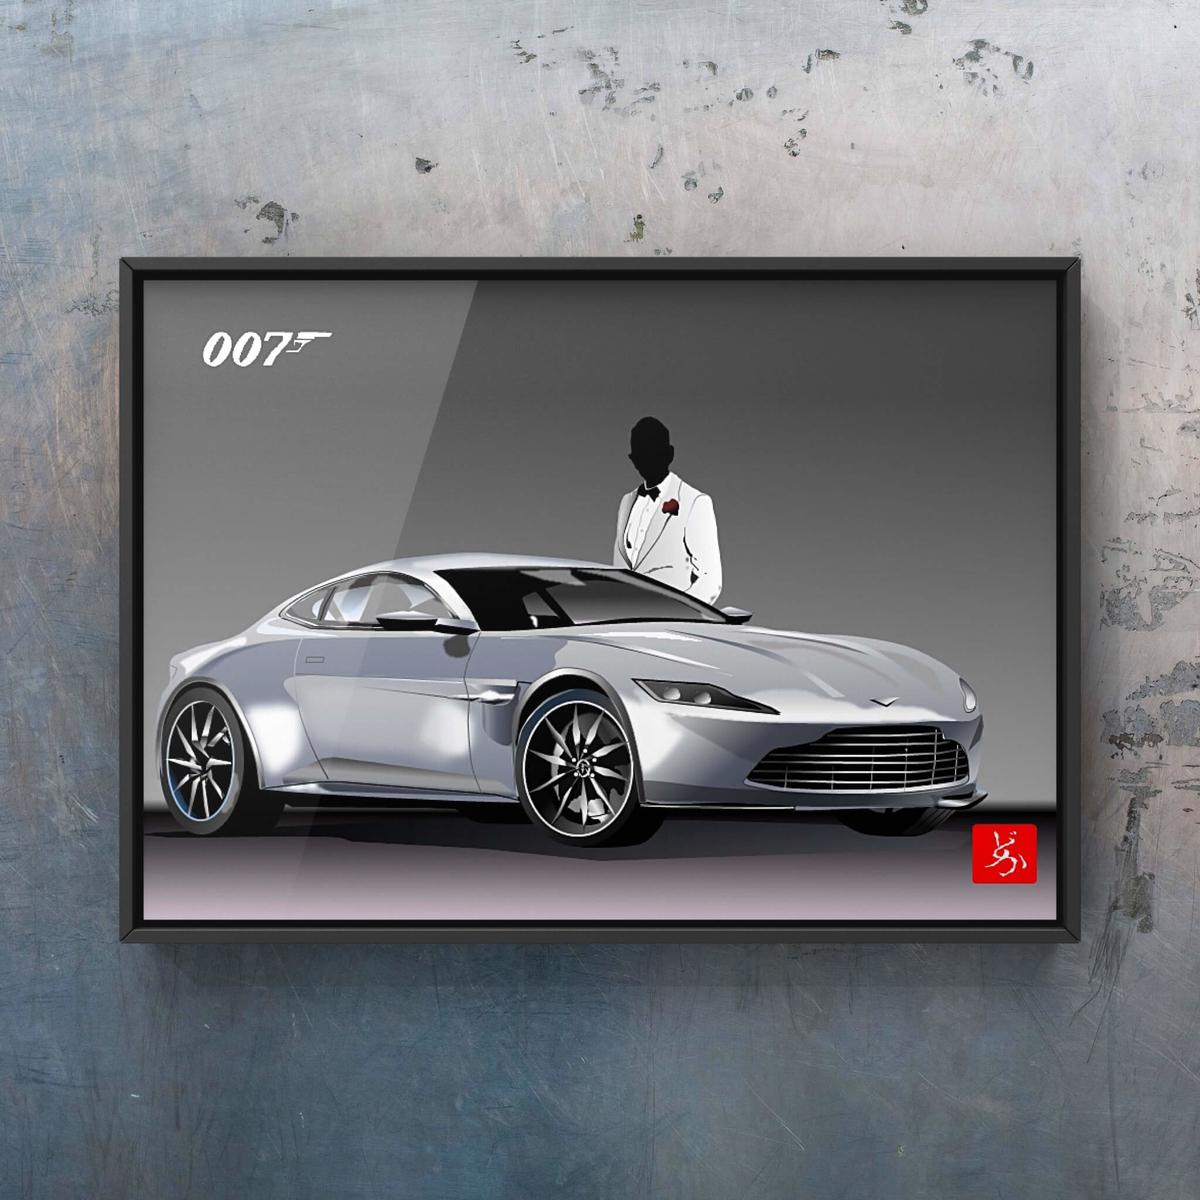 007ボンド・カー、アストン・マーチンDB10のエクセル画イラスト額装版